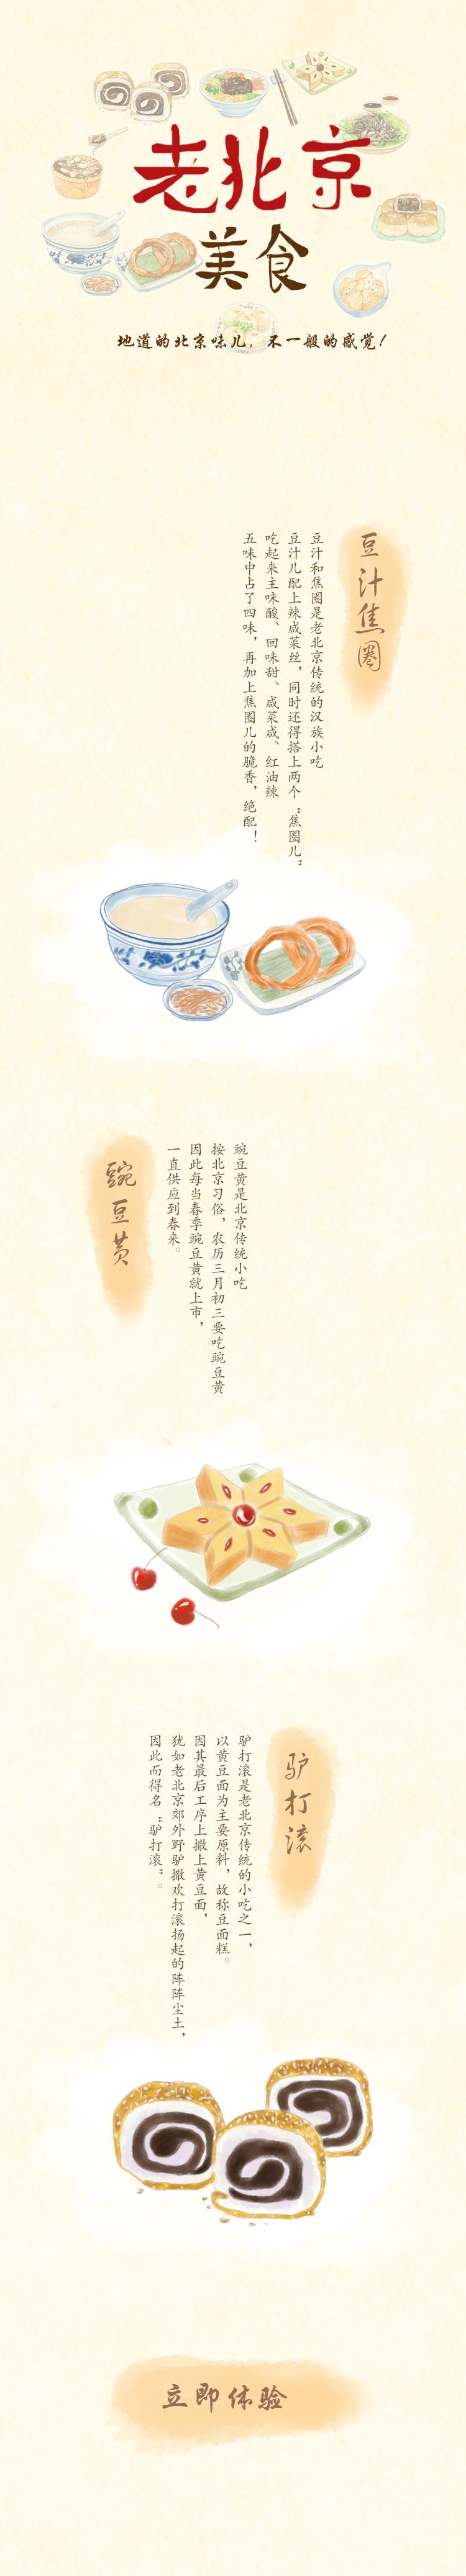 手绘风-老北京小吃